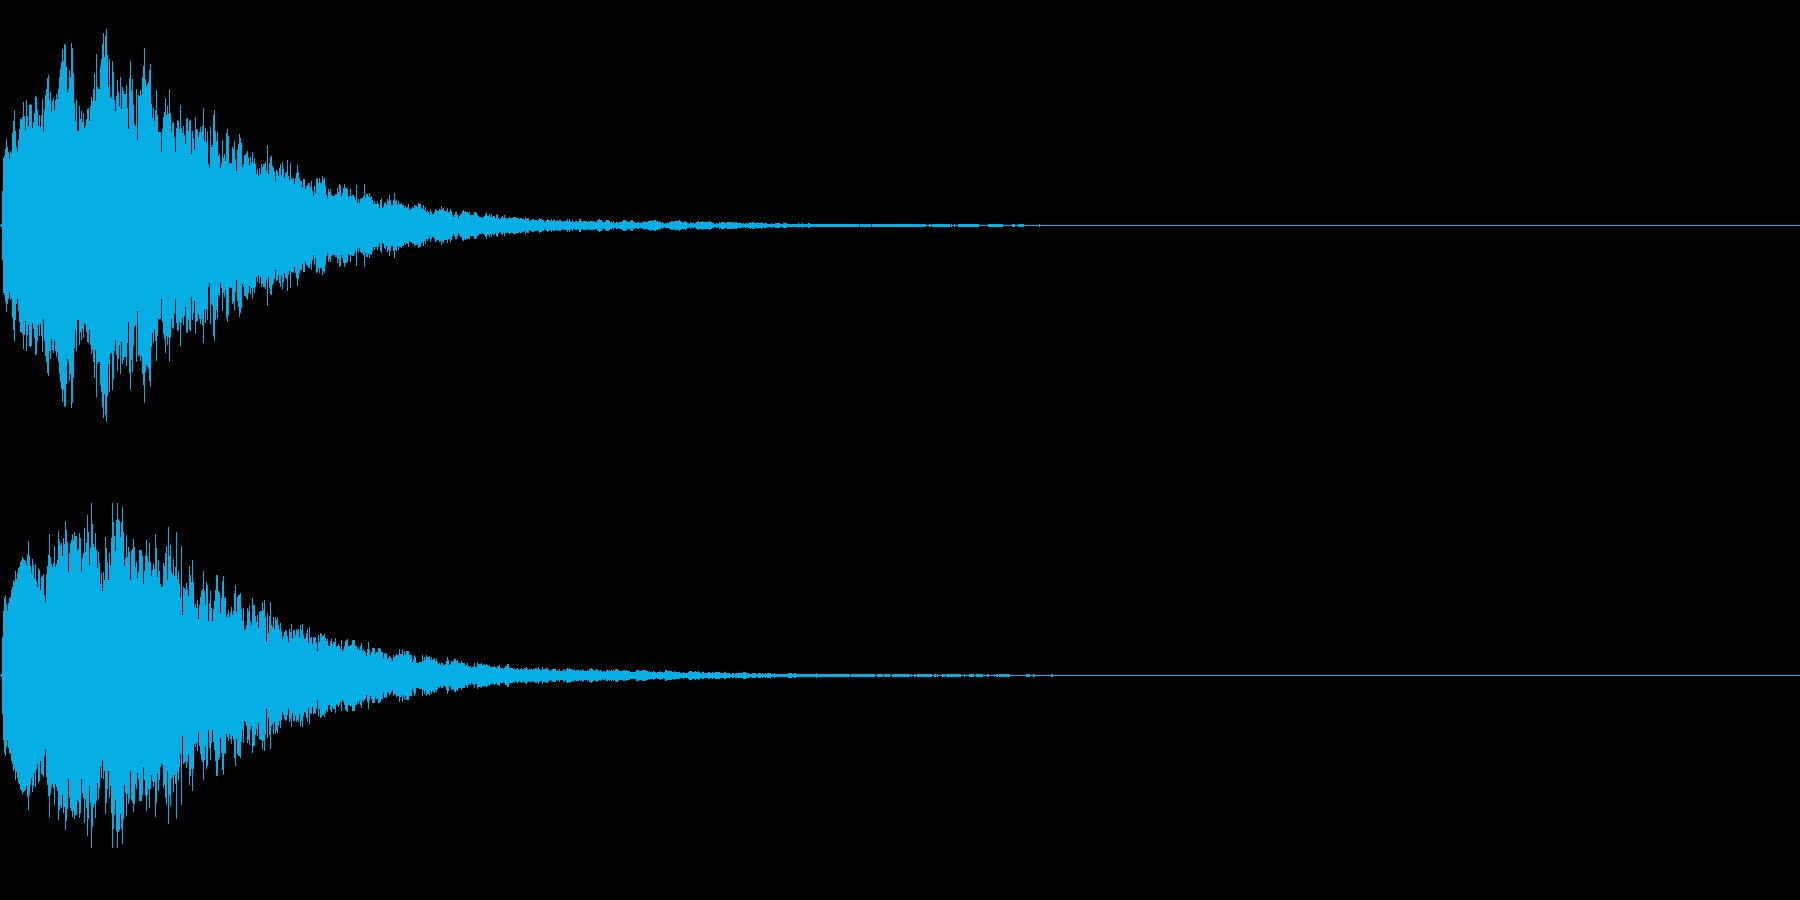 キラキラ シャキーン♪神聖な輝きに!02の再生済みの波形